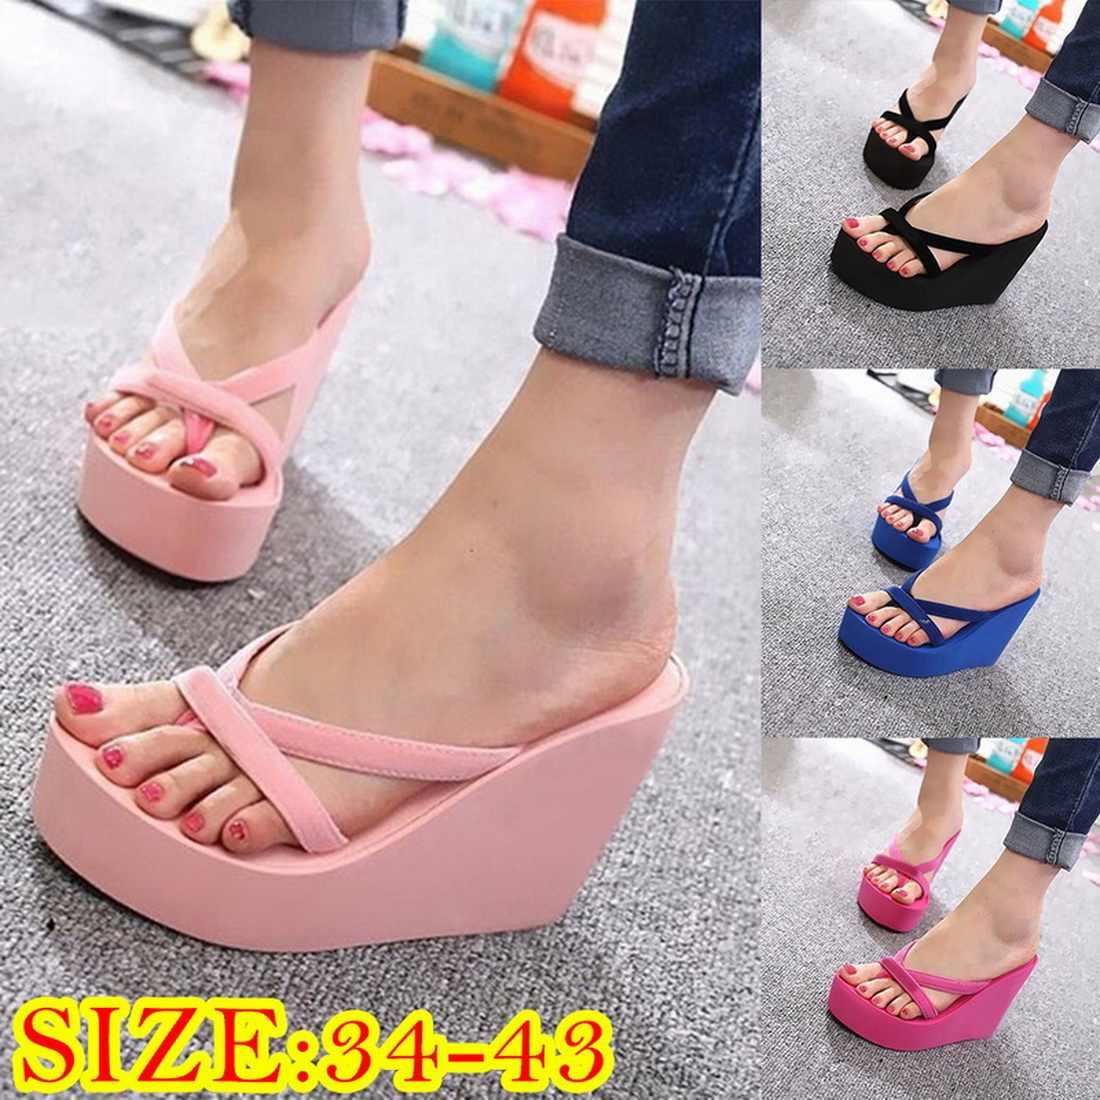 Kadın rahat Torridity ayakkabı takozlar terlik bayanlar topuklu açık Flip flop yaz ev plaj Slip-on platform sandaletler ayakkabı